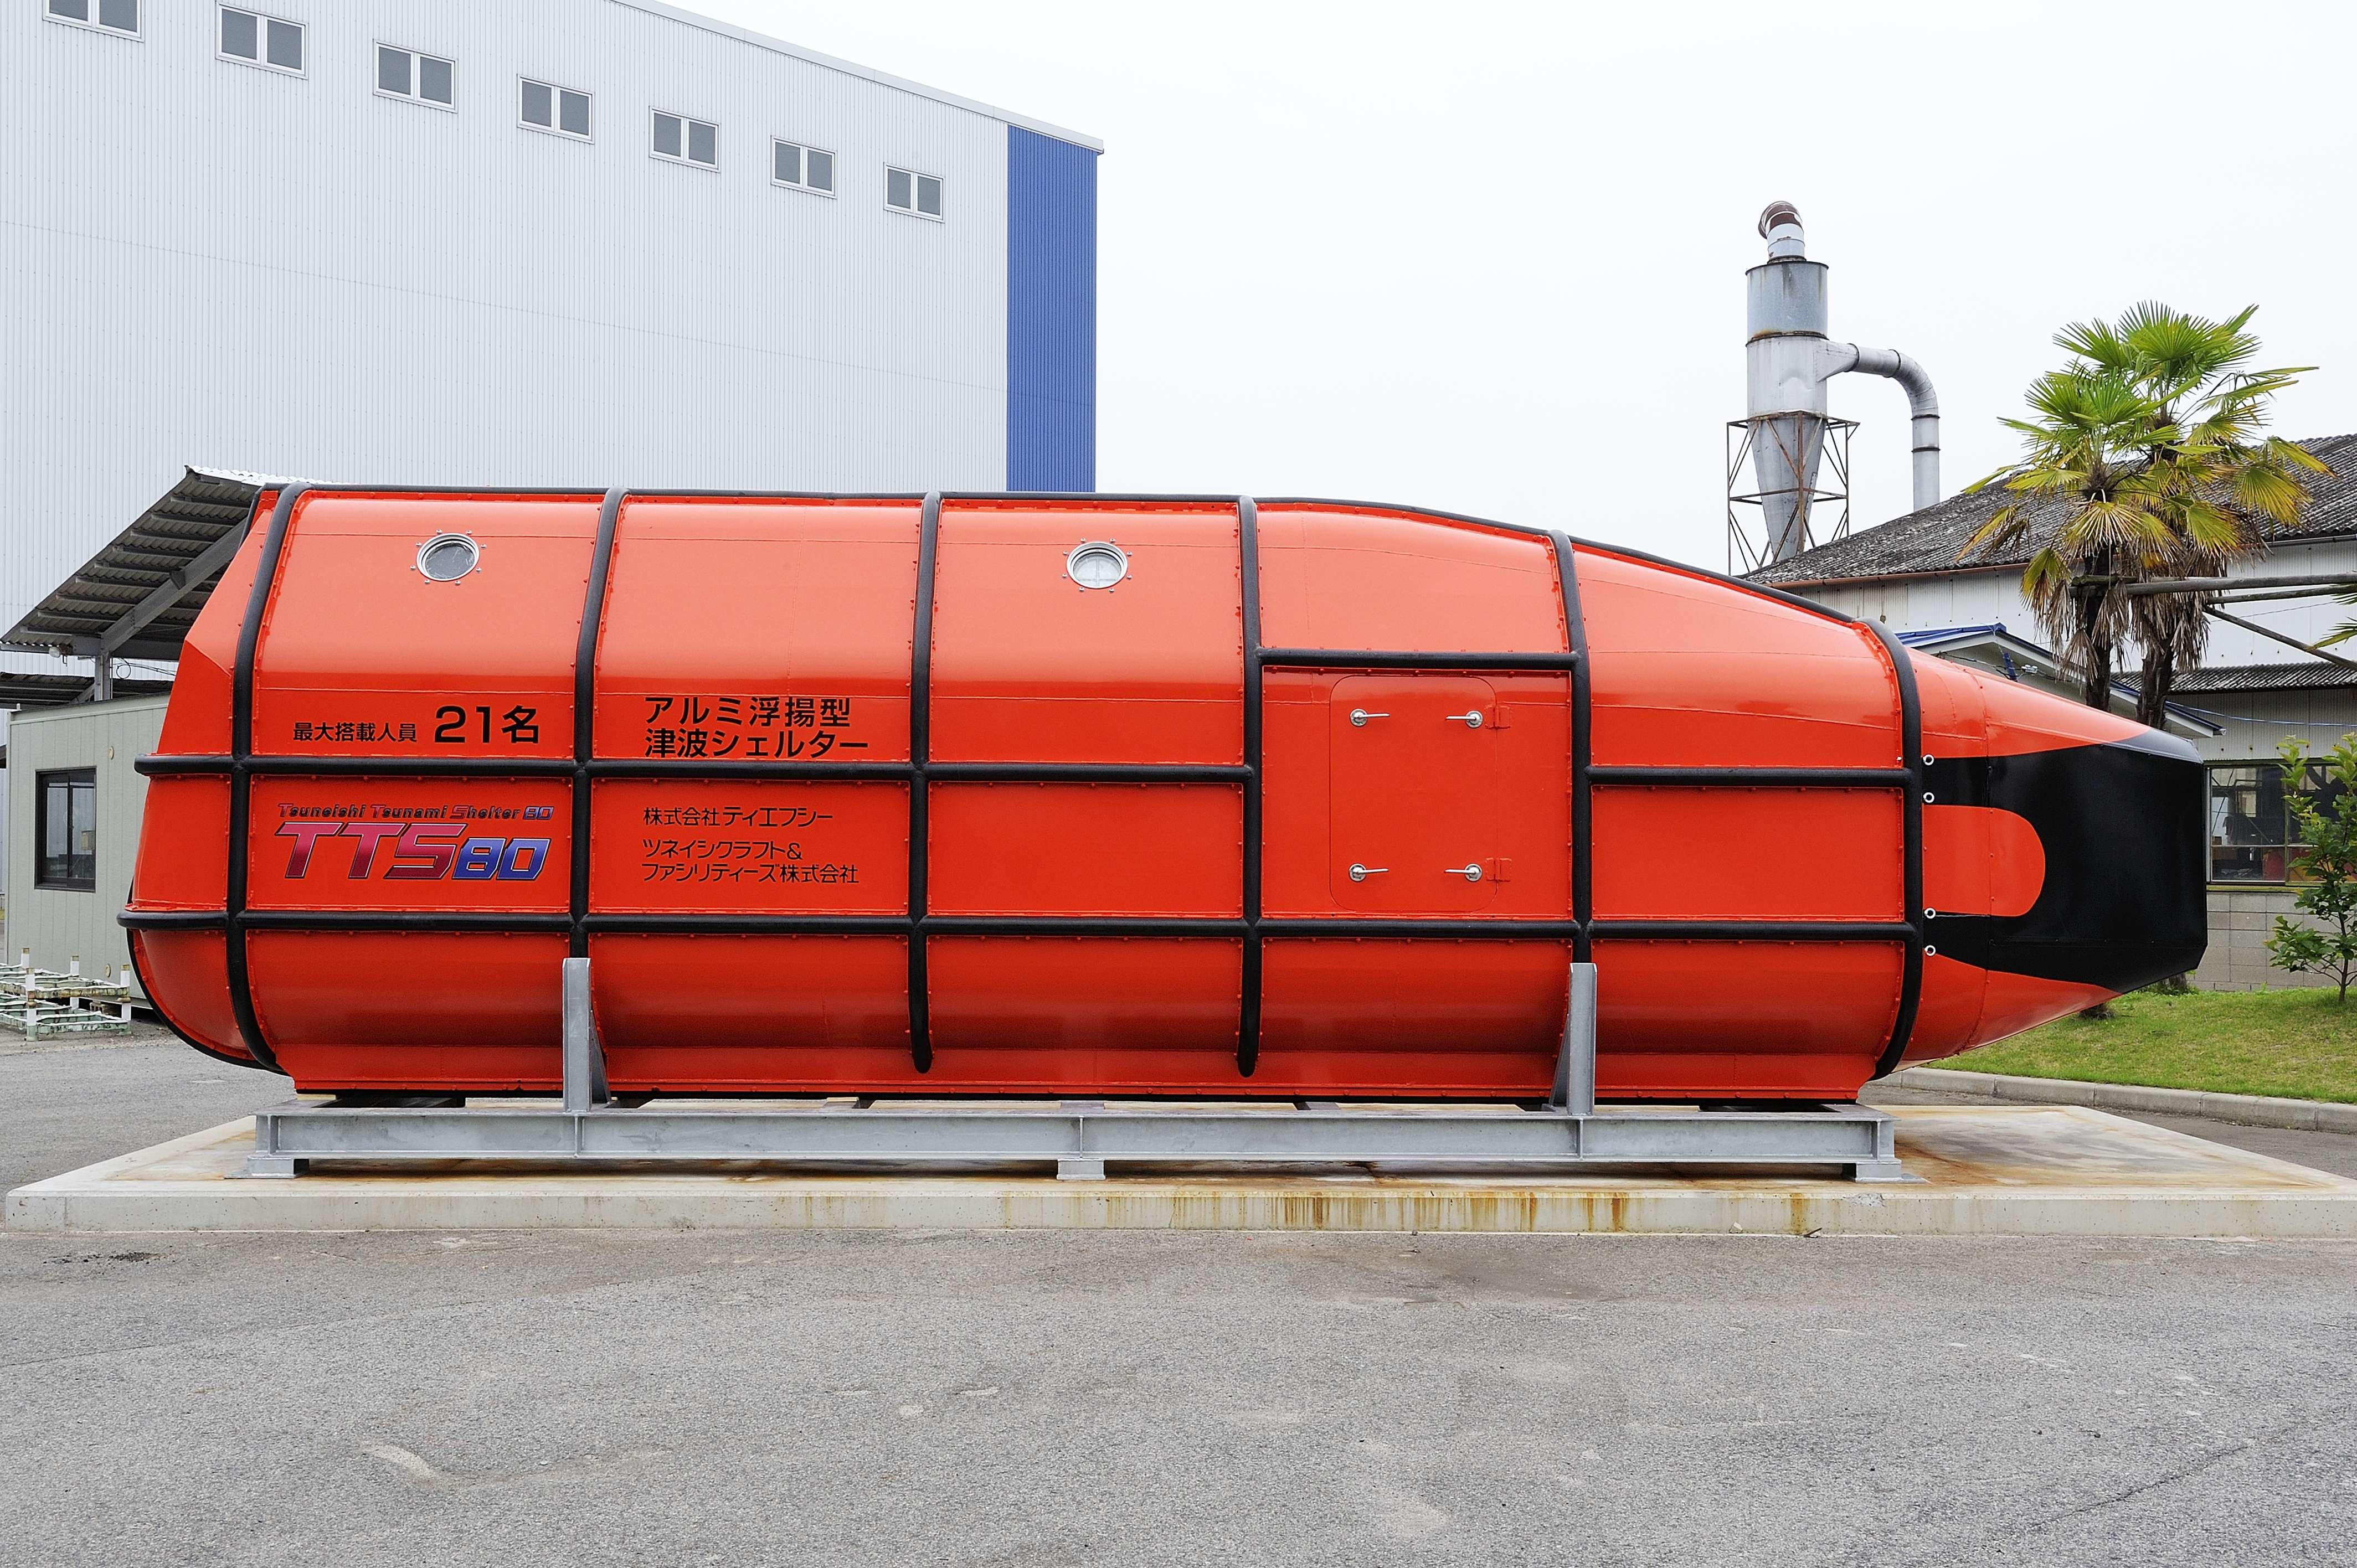 ツネイシクラフト&ファシリティーズ、アルミ浮揚型津波シェルター「TTS80」が津波救命艇ガイドラインを承認取得